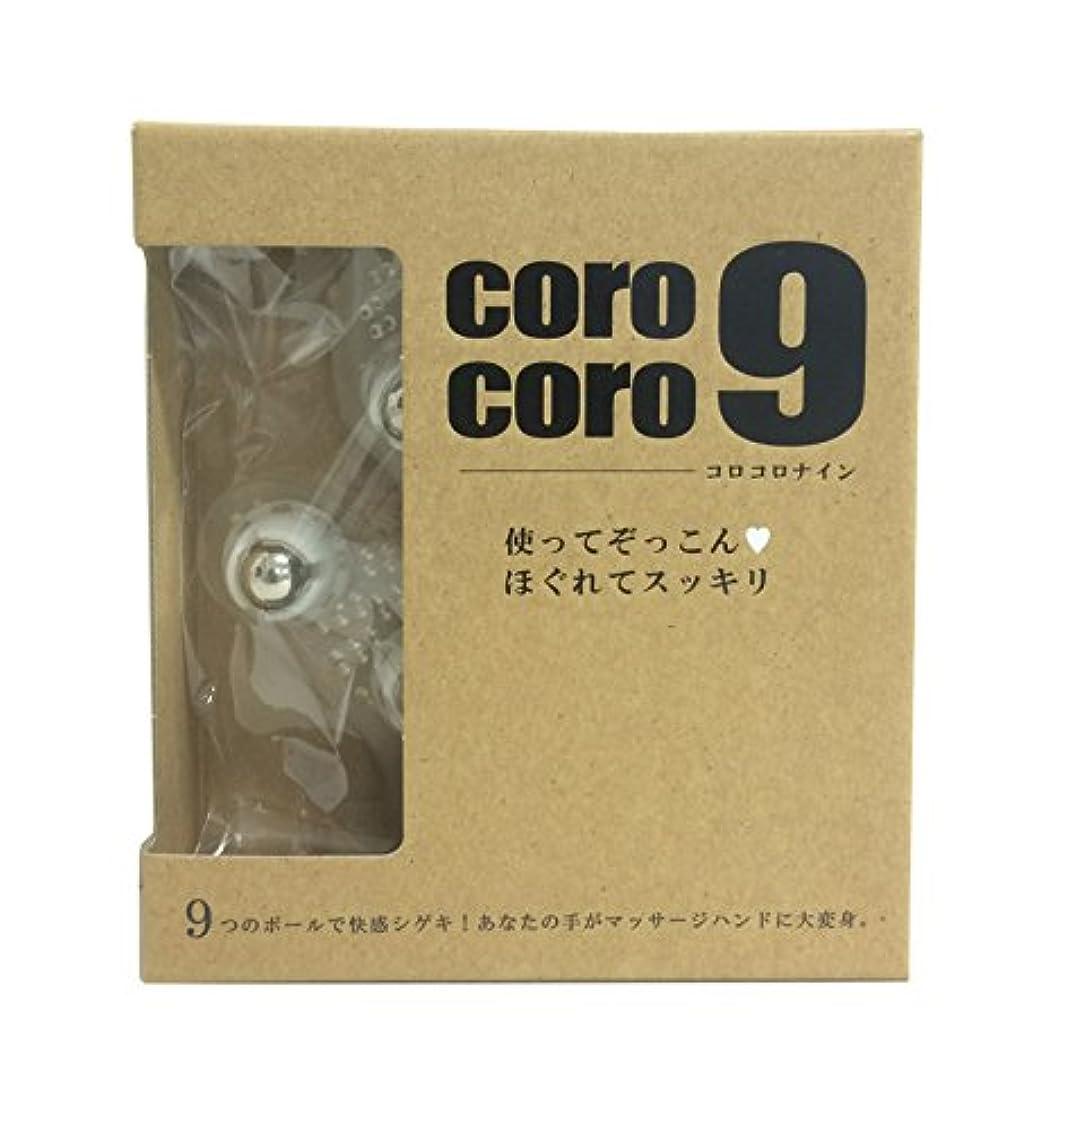 ターミナル透けて見える独占Reシリーズ CoroCoro9 クリア